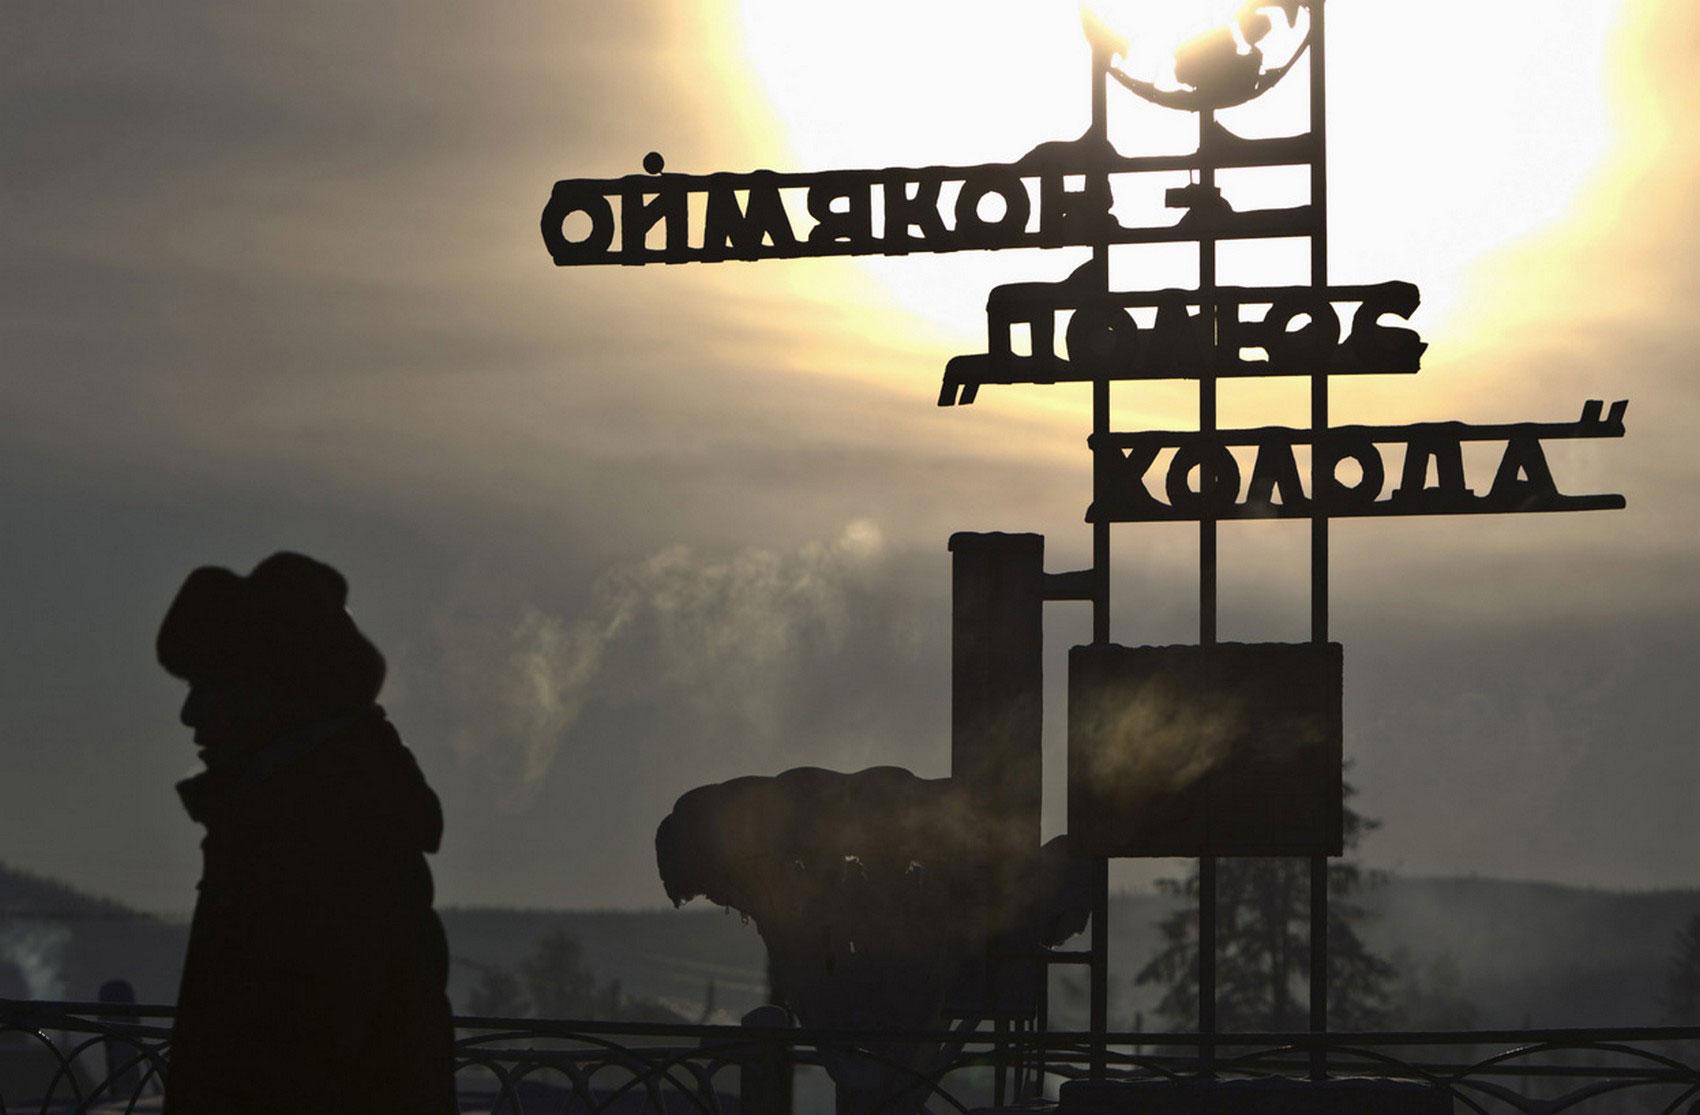 метеорологическая станция Якутии